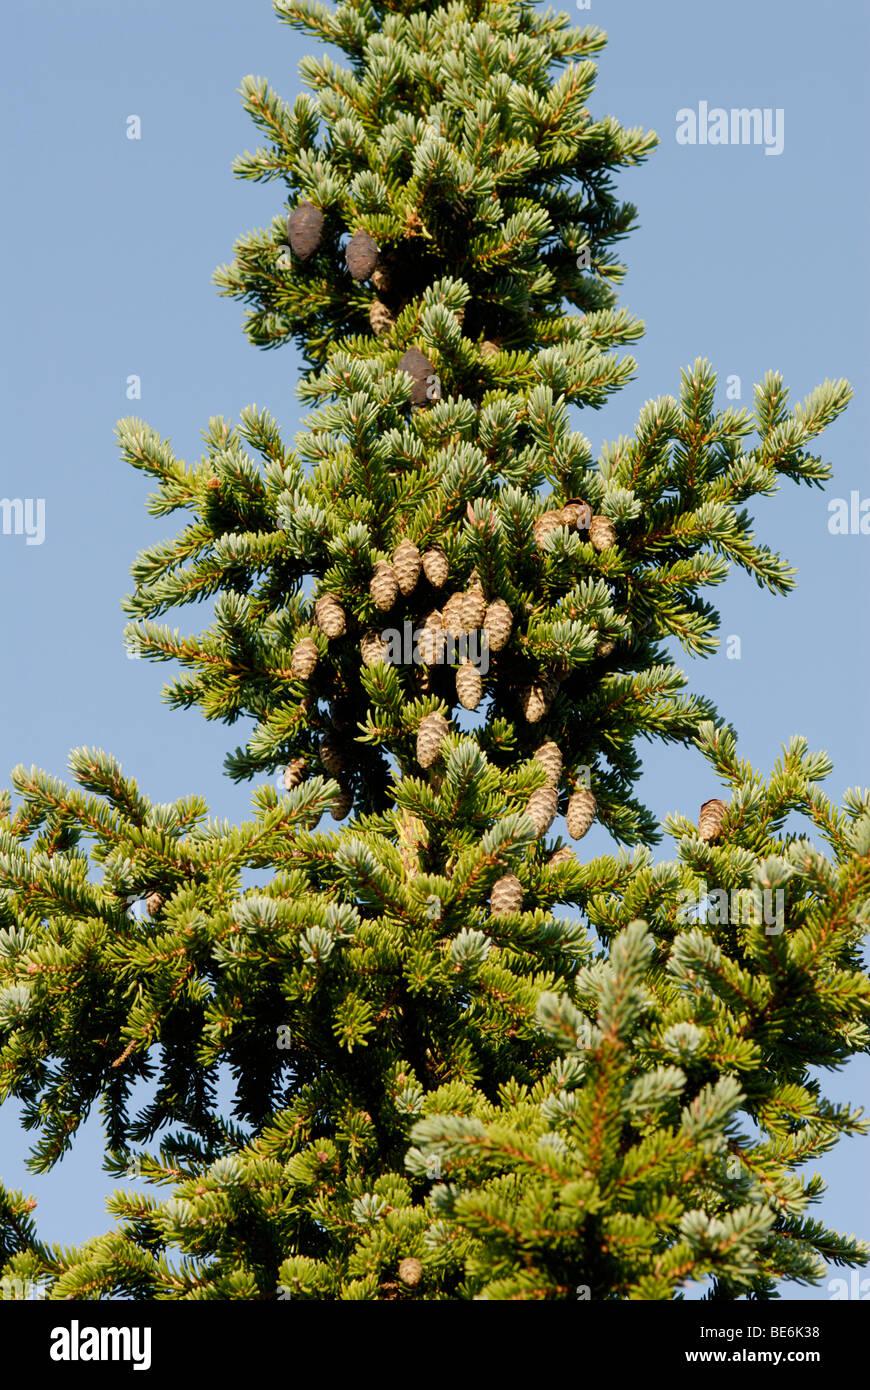 Black spruce, Picea mariana Stock Photo